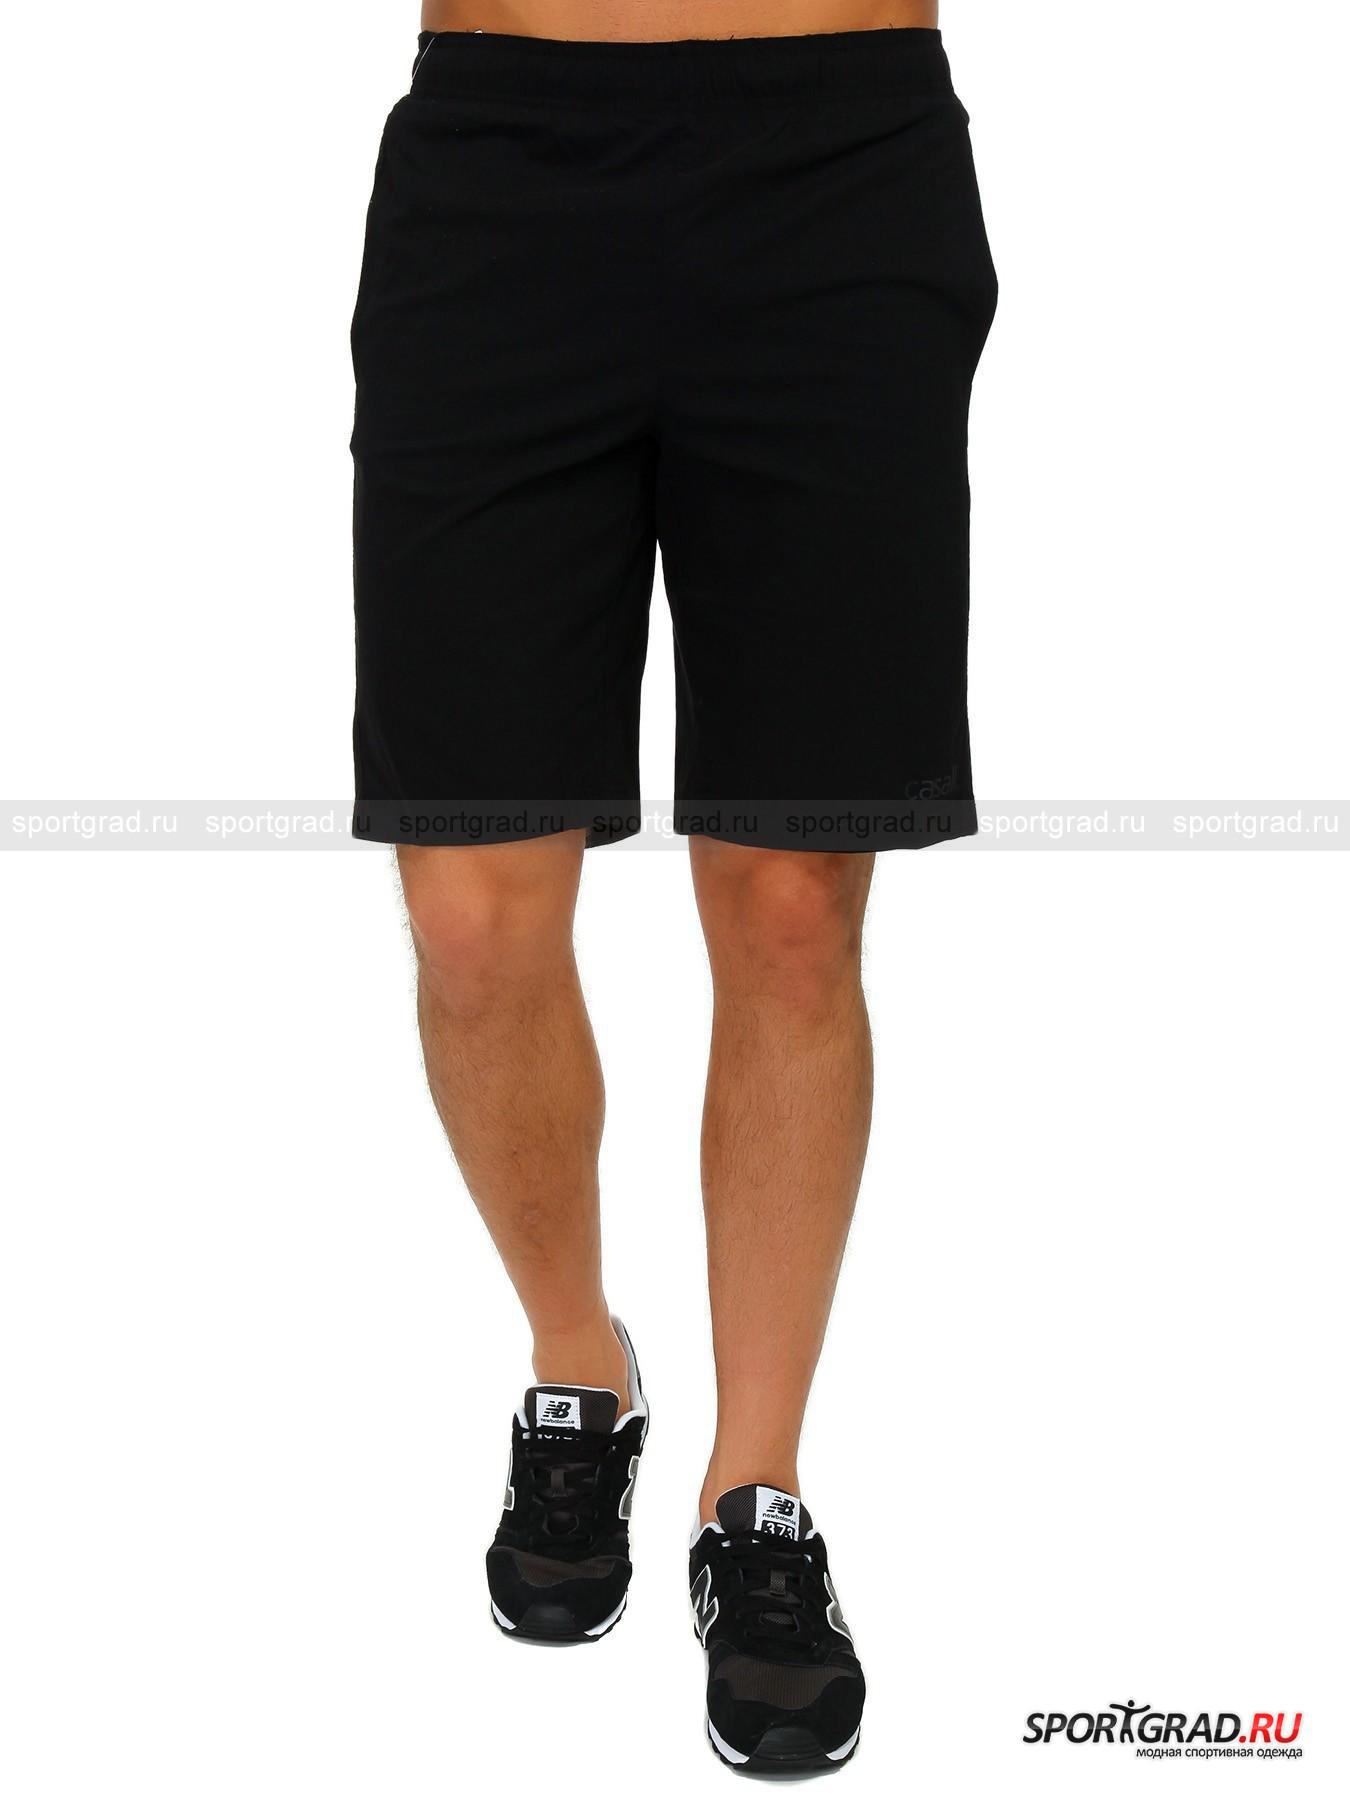 Шорты мужские Techno shorts CASALLШорты, Велосипедки<br>Лёгкие, эластичные и очень практичные тренировочные шорты Techno shorts от шведской компании Casall – грамотный выбор для многих видов спорта, в числе которых лёгкая атлетика, йога, тренинг, кроссфит, воркаут и многие другие. Ткань, из которой выполнена данная модель, дышит, быстро высыхает, неприхотлива и благодаря добавлению спандекса хорошо тянется. Шорты дополнены плотным широким притачным поясом со шнурком, 2 прорезными карманами на молниях и украшены принтом с надписью Casall спереди.<br><br>Пол: Мужской<br>Возраст: Взрослый<br>Тип: Шорты, Велосипедки<br>Рекомендации по уходу: Деликатная ручная стирка при температуре 30 градусов, щадящий ручной отжим, гладить при температуре до 120 градусов.<br>Состав: 94% полиамид, 6% эластан